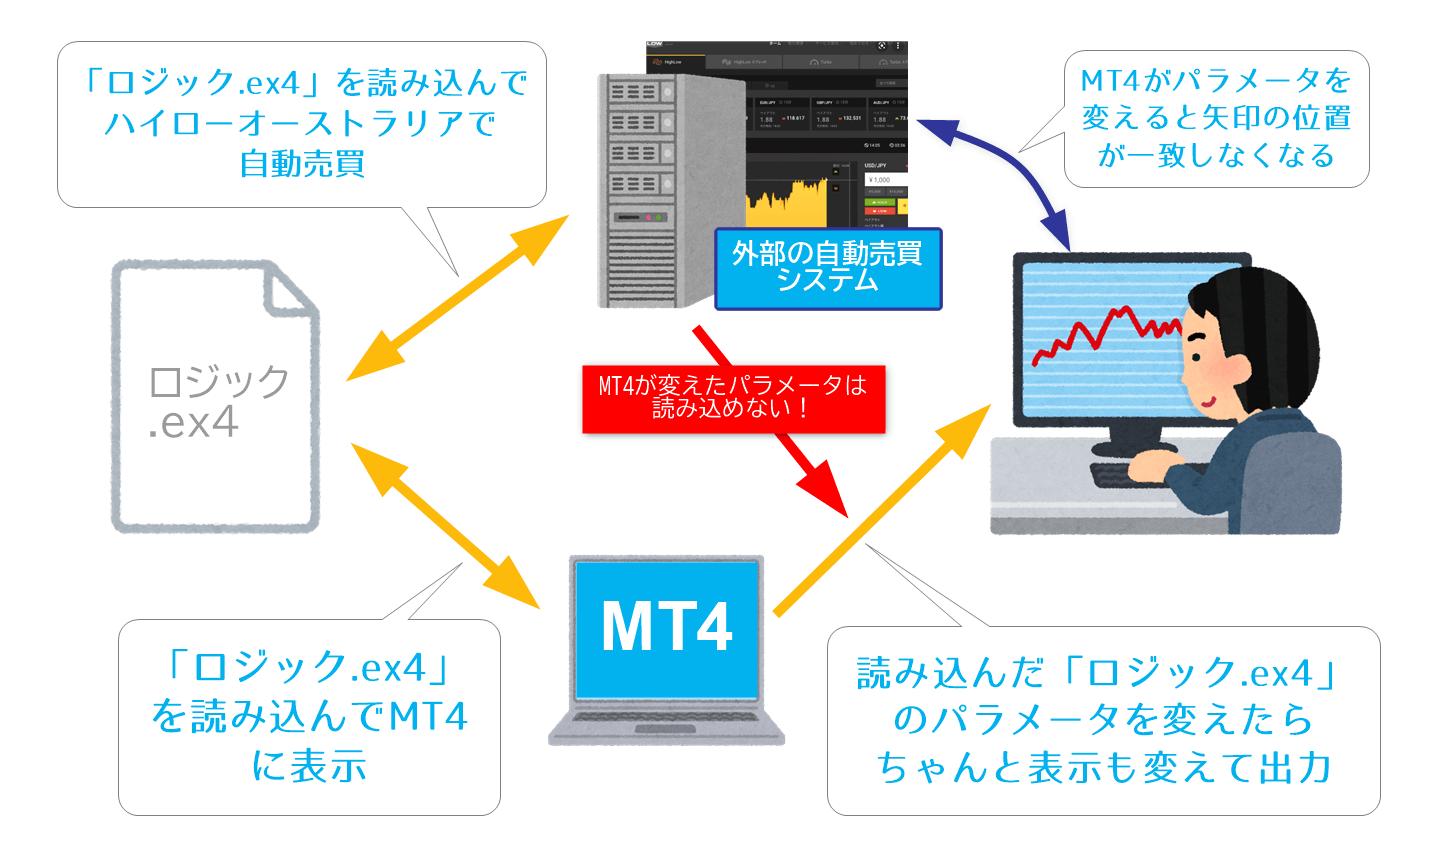 MT4のパラメータは直接読み込めない